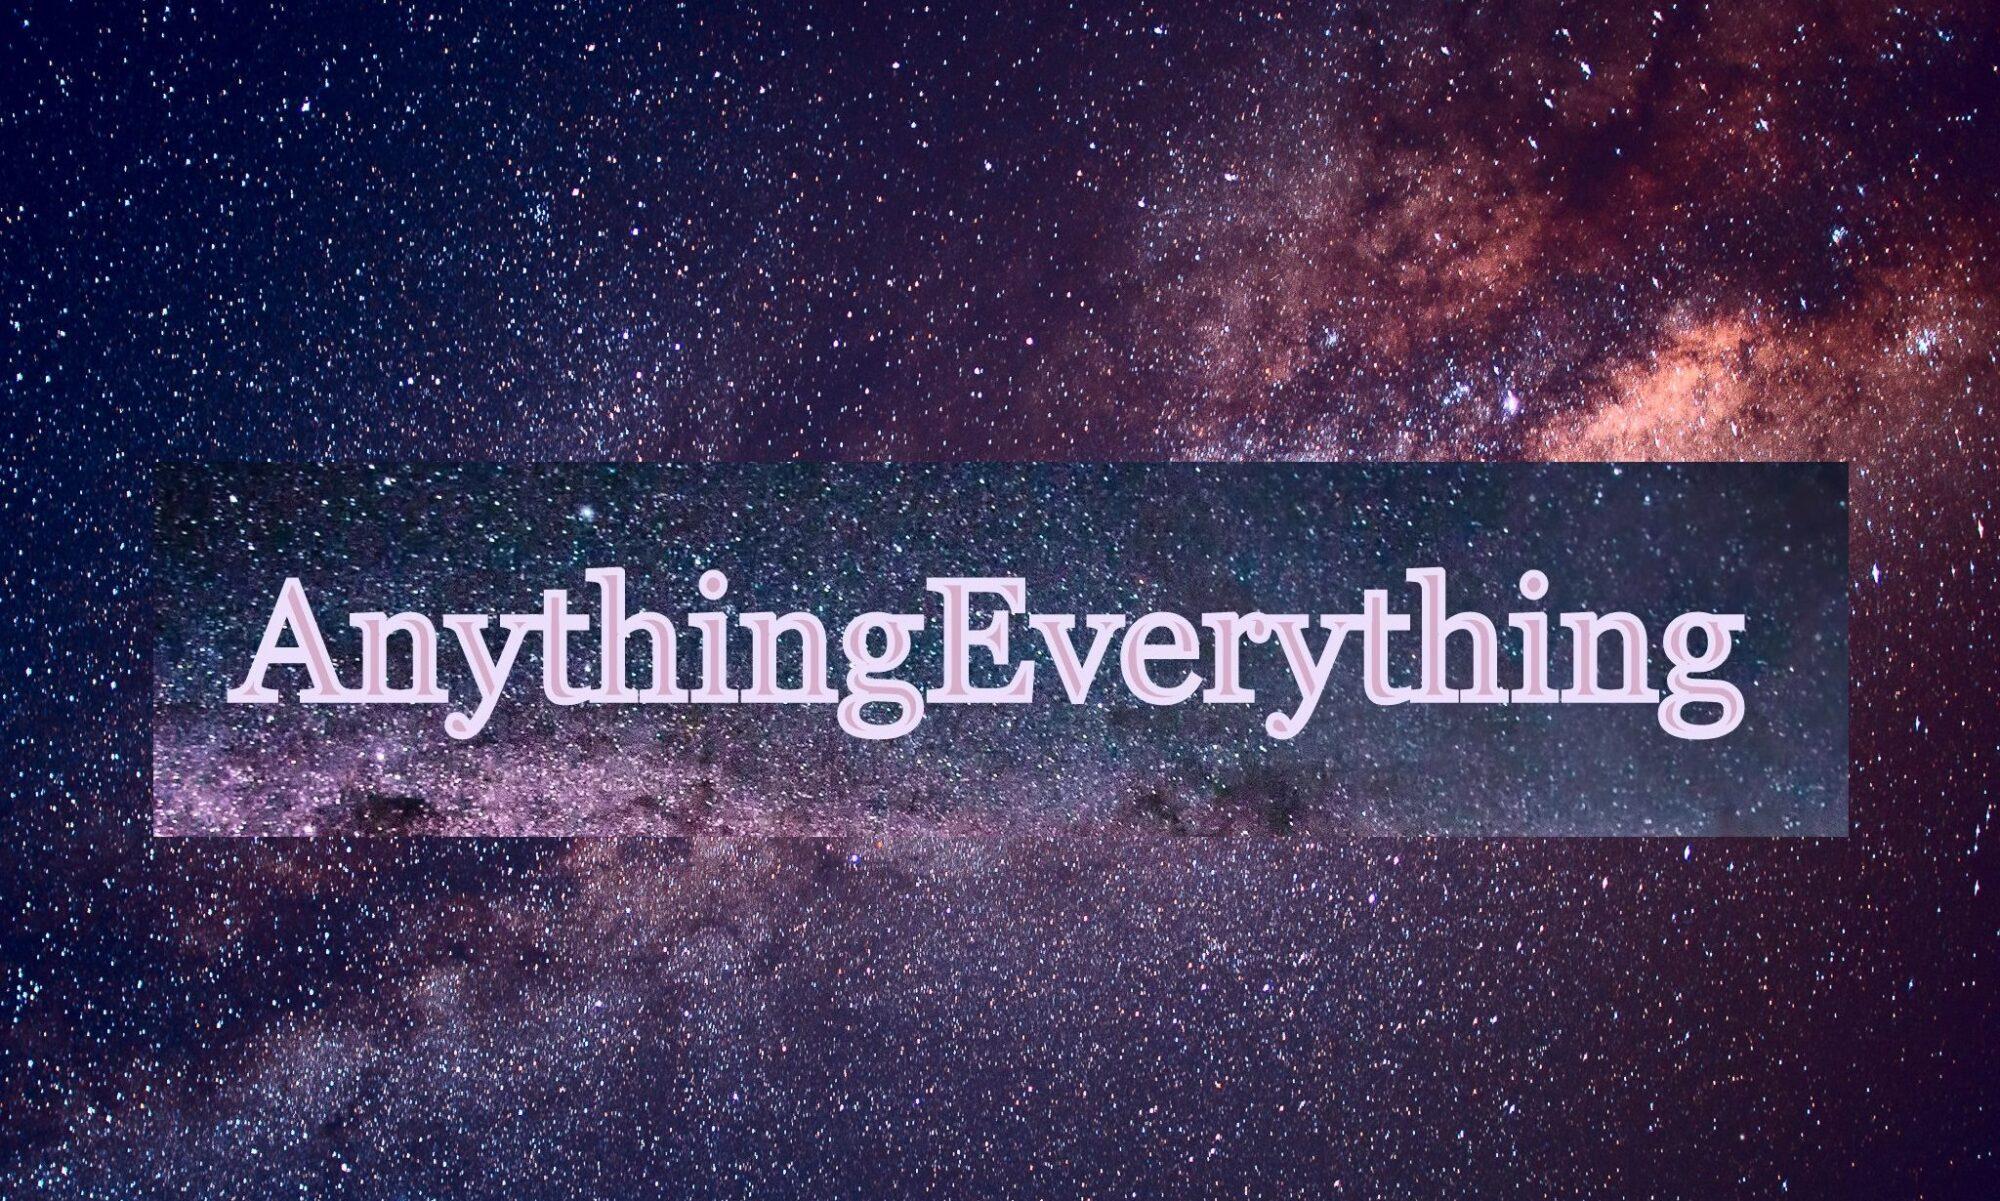 AnythingEverything